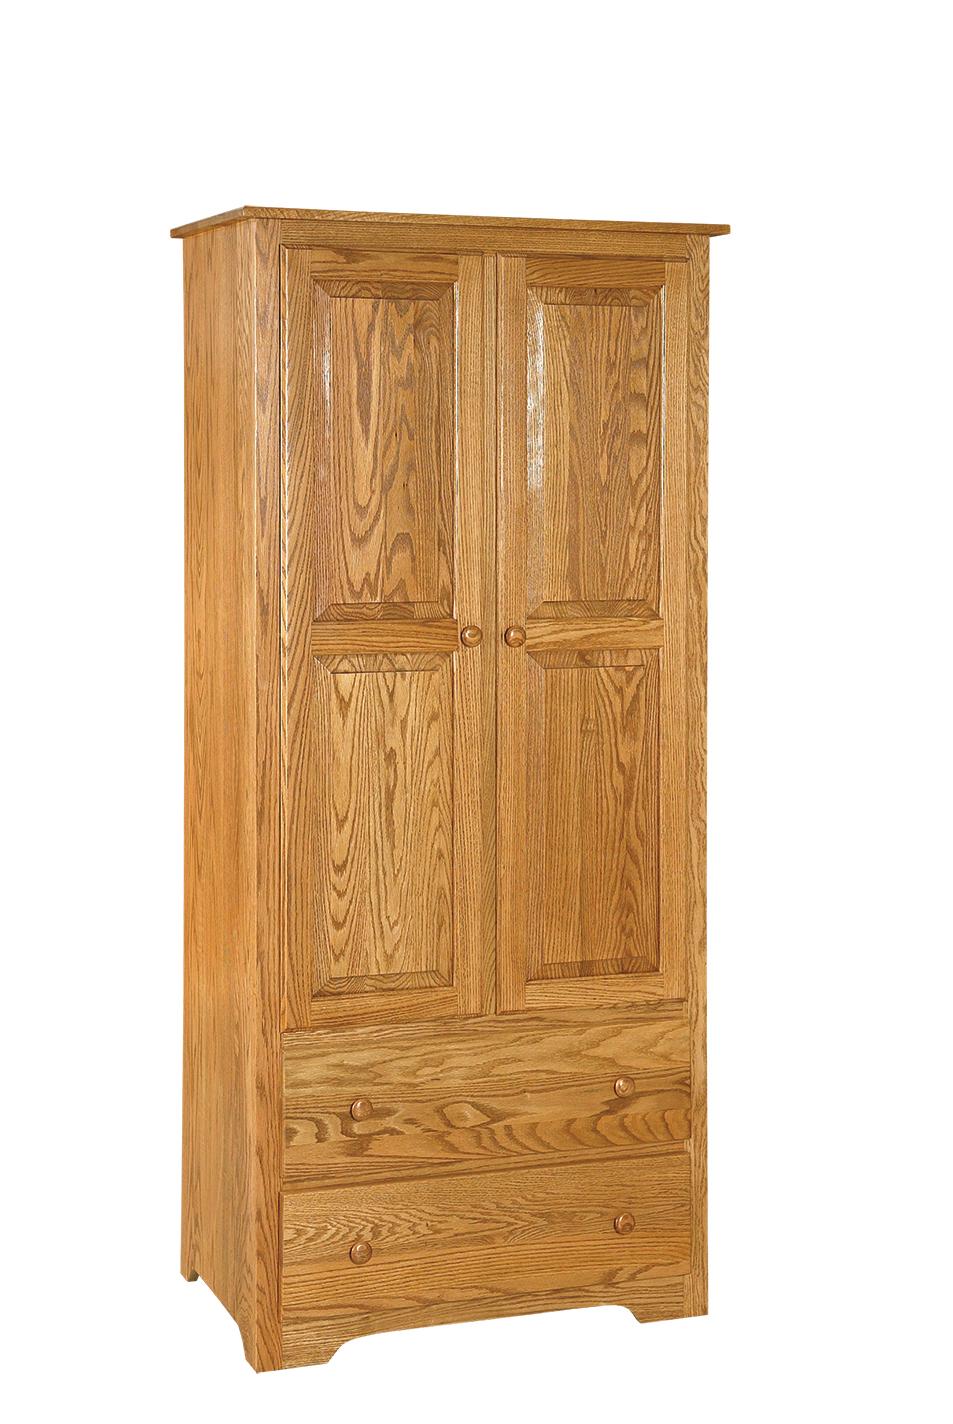 187236-190 shaker wardrobe.jpg